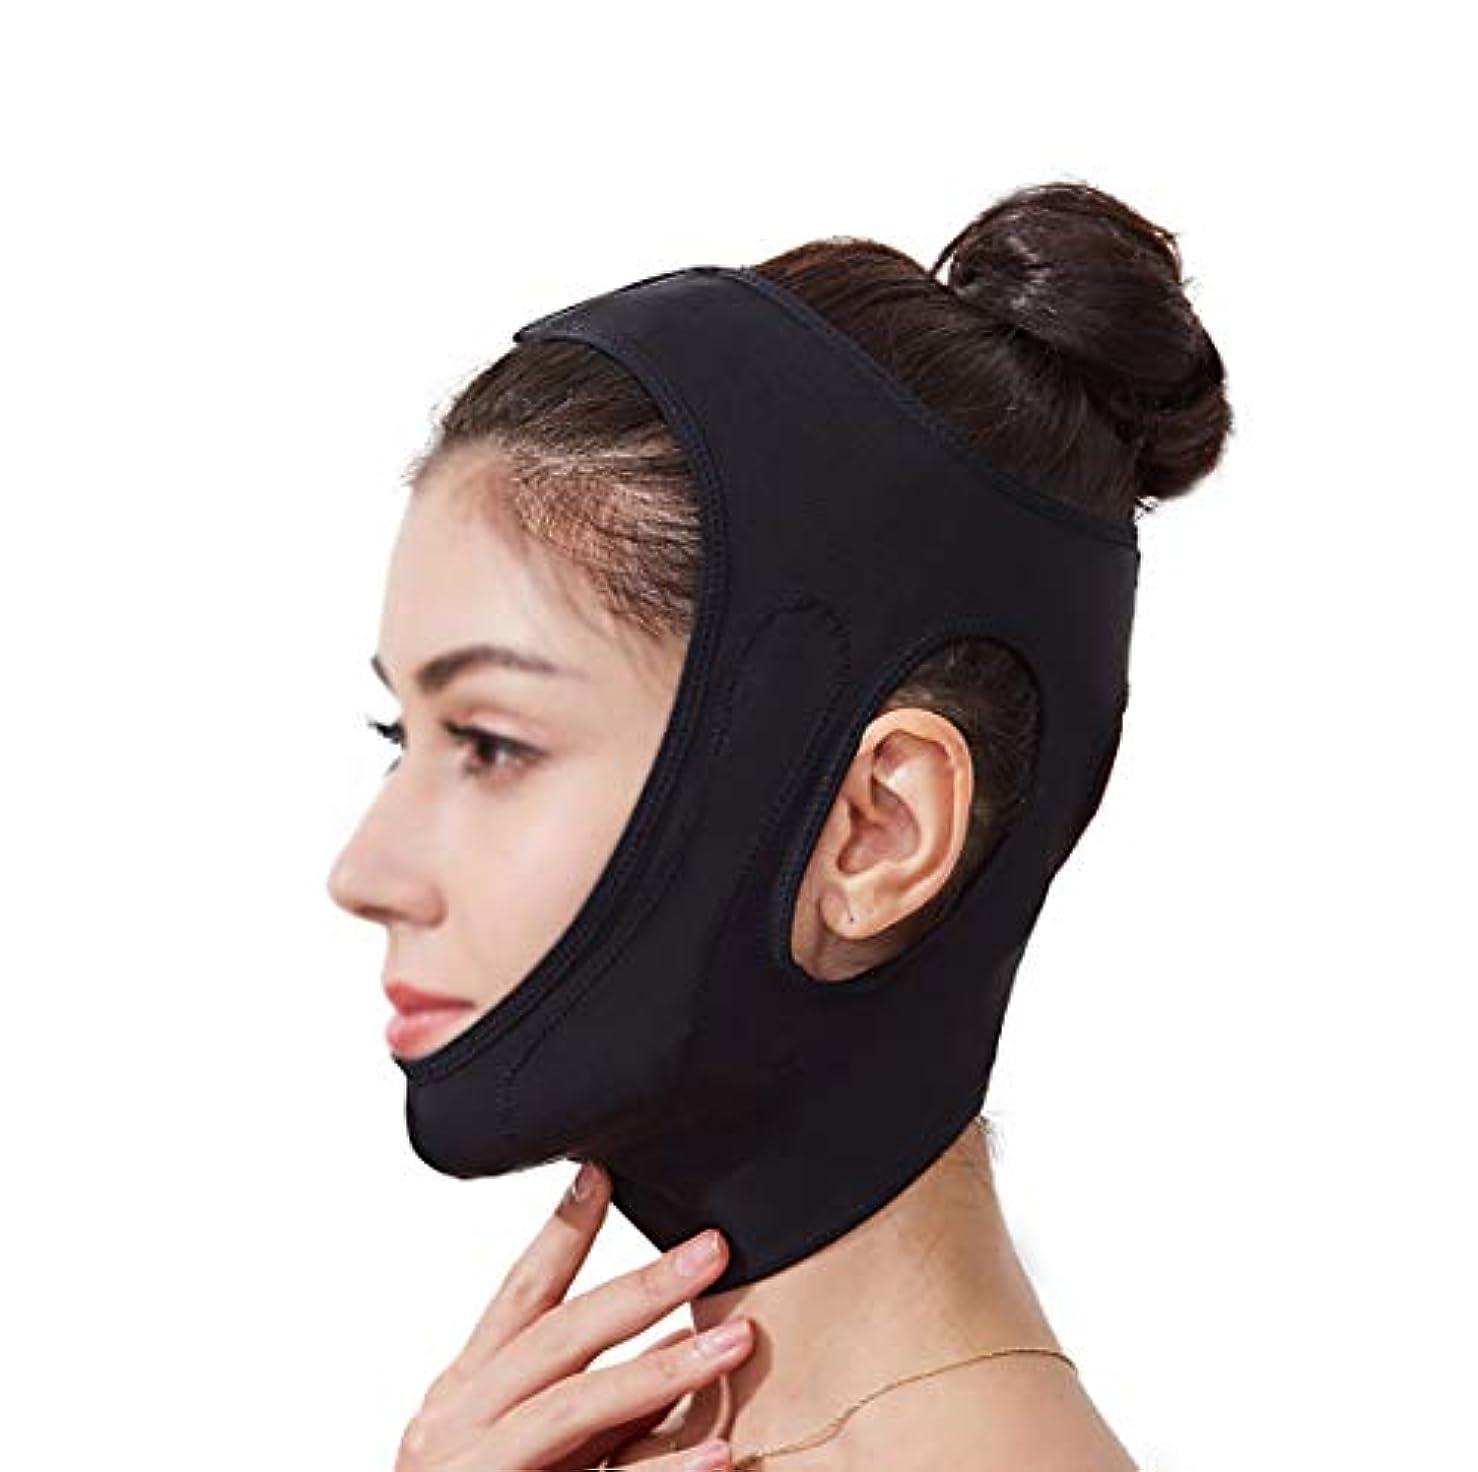 交換可能虚栄心マキシムLJK フェイスリフティングマスク、360°オールラウンドリフティングフェイシャルコンター、あごを閉じて肌を引き締め、快適でフェイスライトと通気性をサポート (Color : Black)